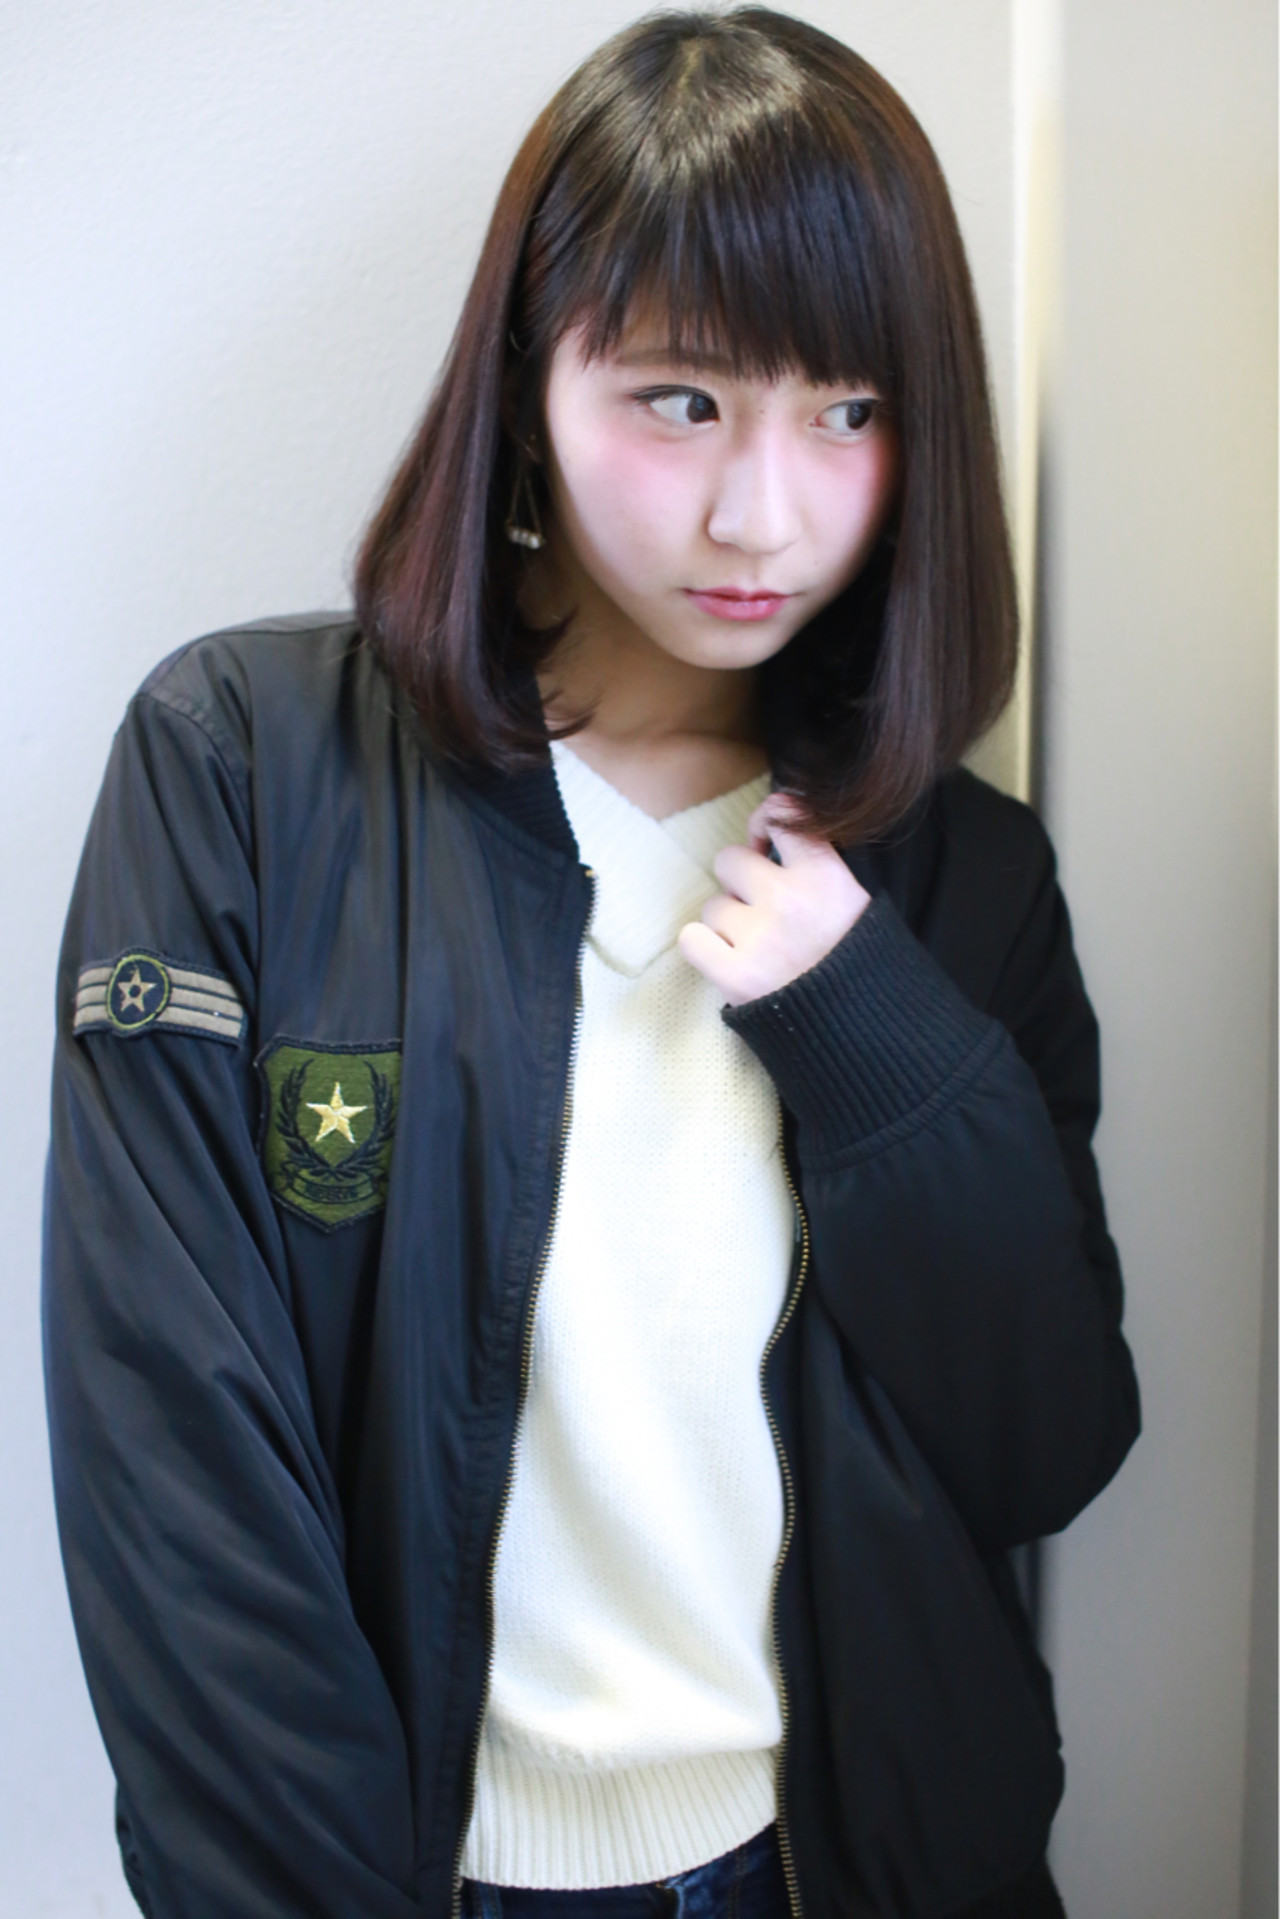 黒髪でも重く見えないミディアムスタイル7選 JOJI/Hama